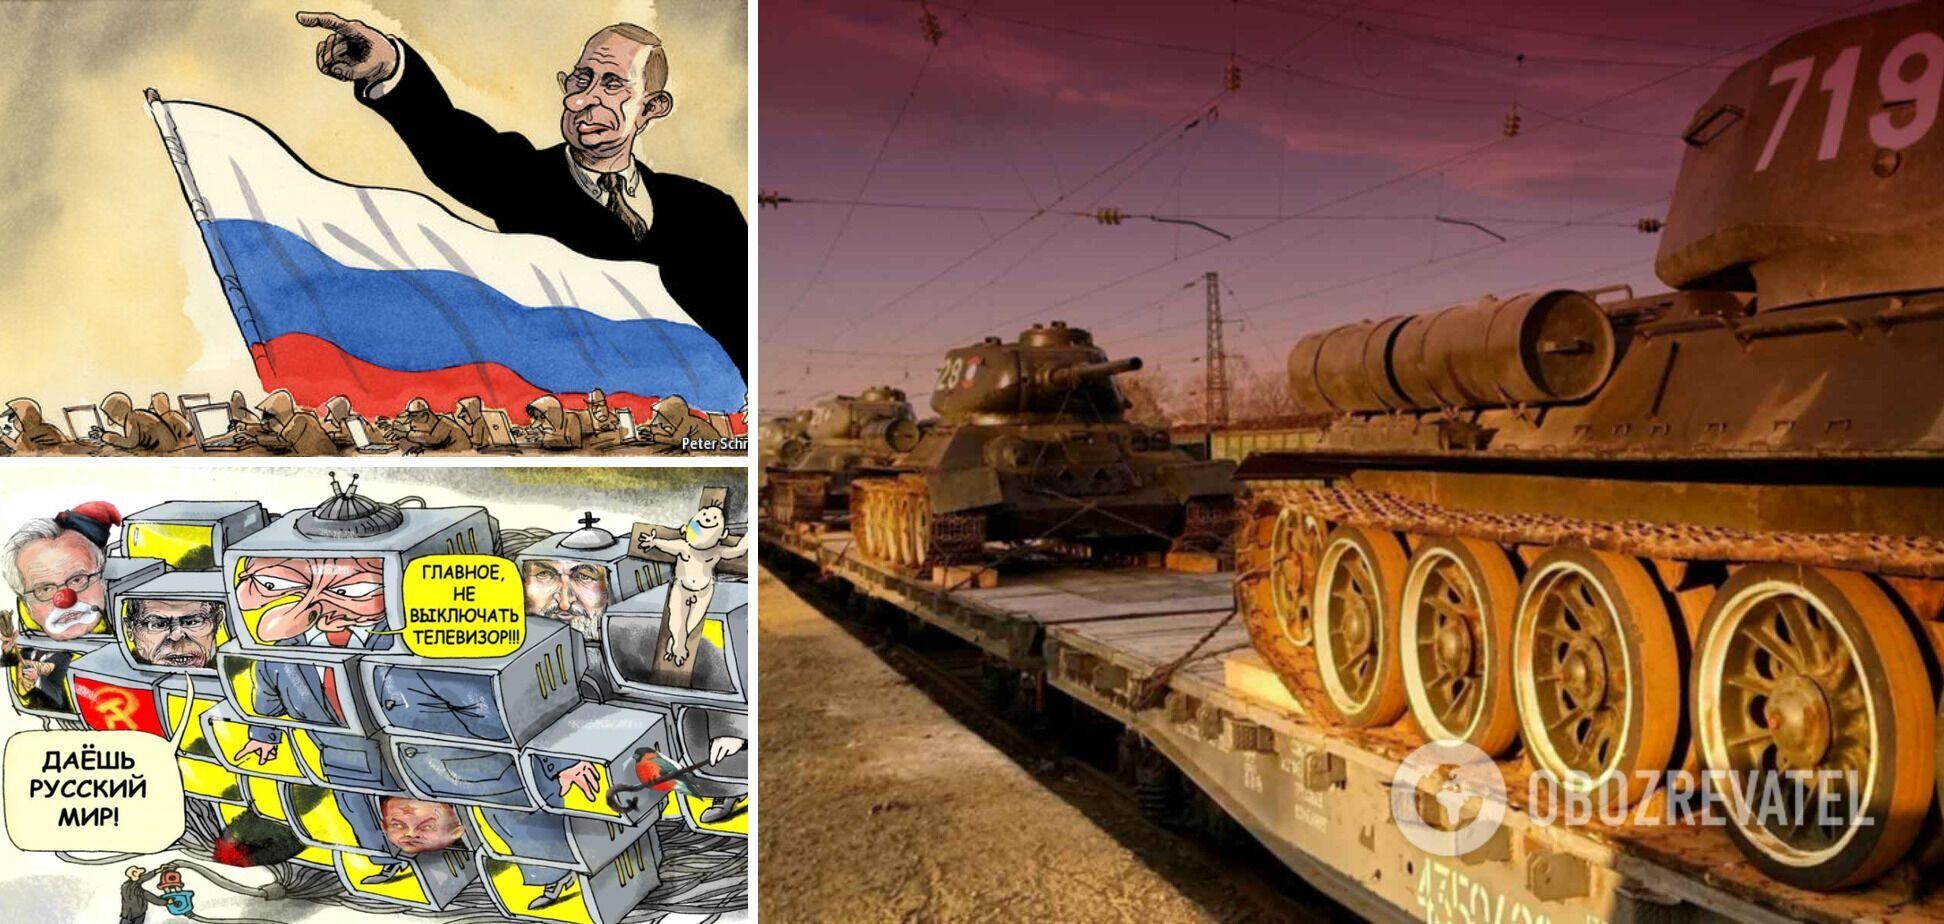 На просторах России потянуло 'рязанским сахарком'. Вместо Чечни – Украина?